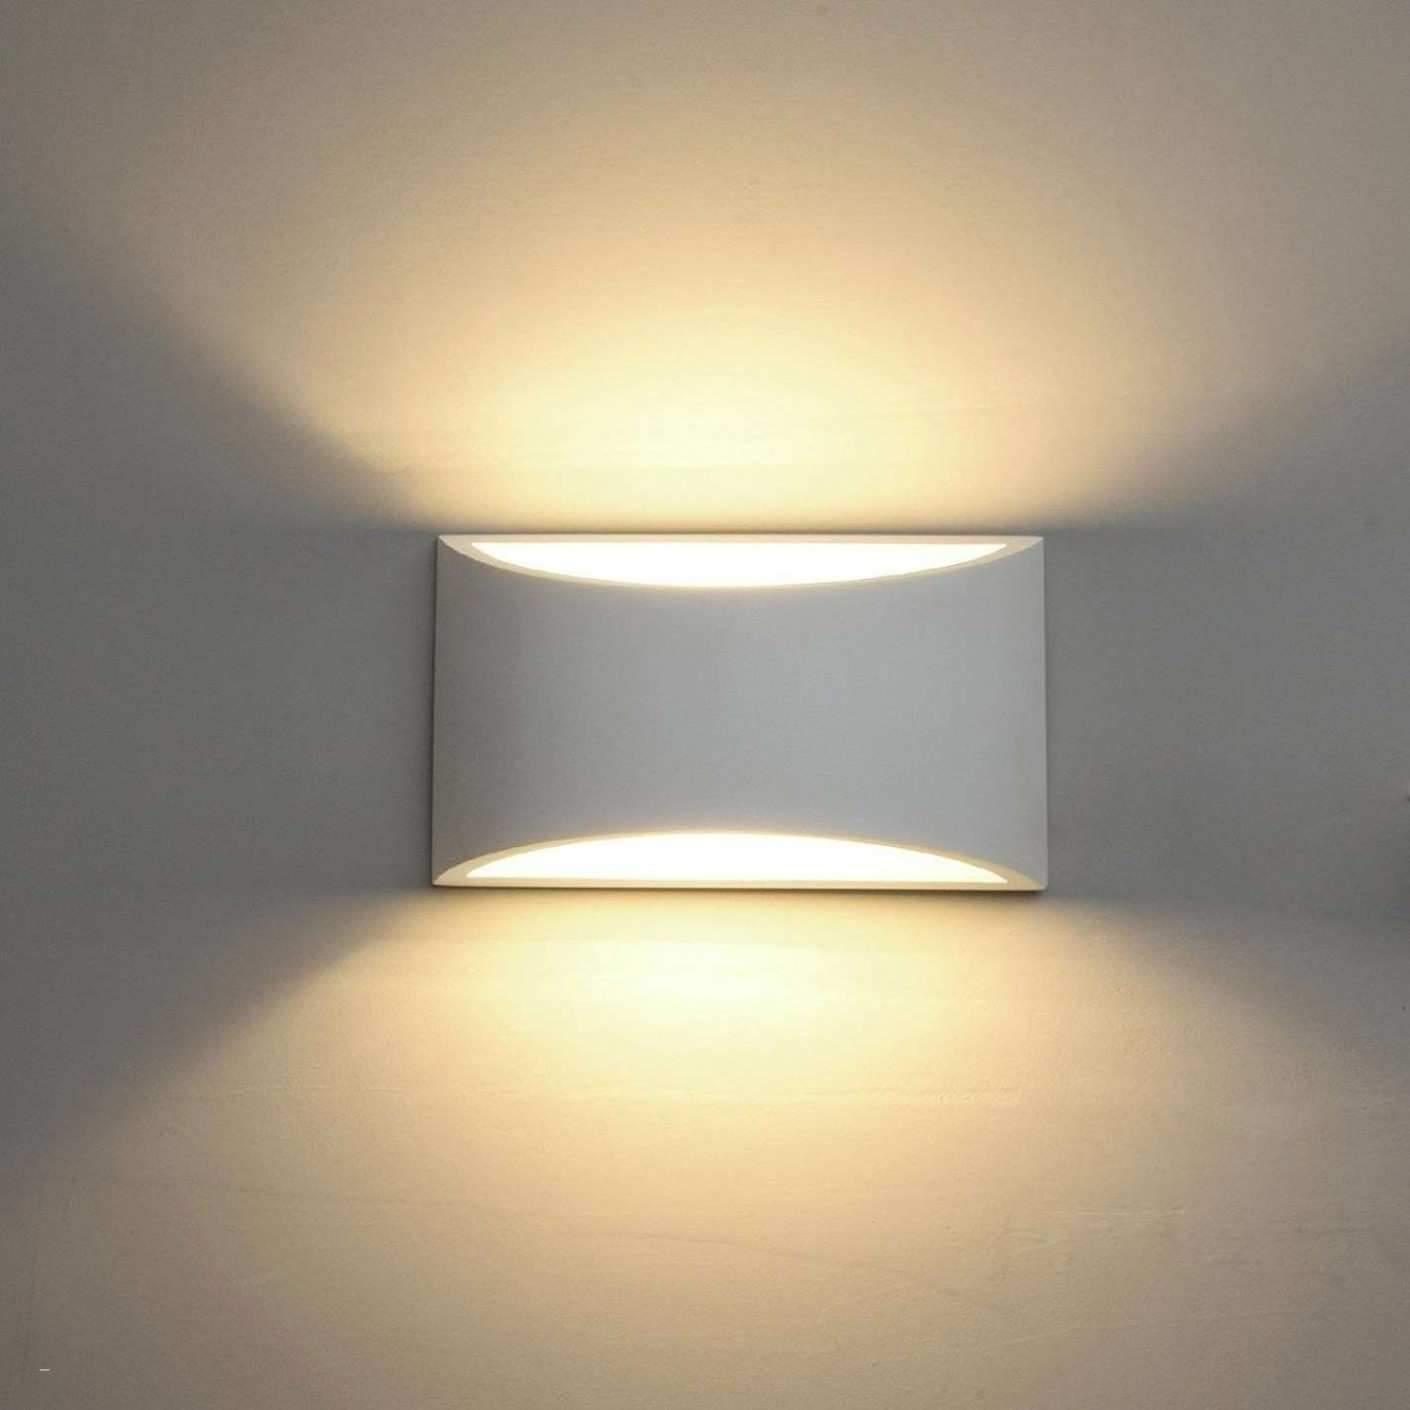 Full Size of Ikea Lampen Wohnzimmer Frisch Das Beste Von Modulküche Küche Kosten Miniküche Deckenlampen Modern Betten Bei 160x200 Für Sofa Mit Schlaffunktion Kaufen Wohnzimmer Ikea Deckenlampen